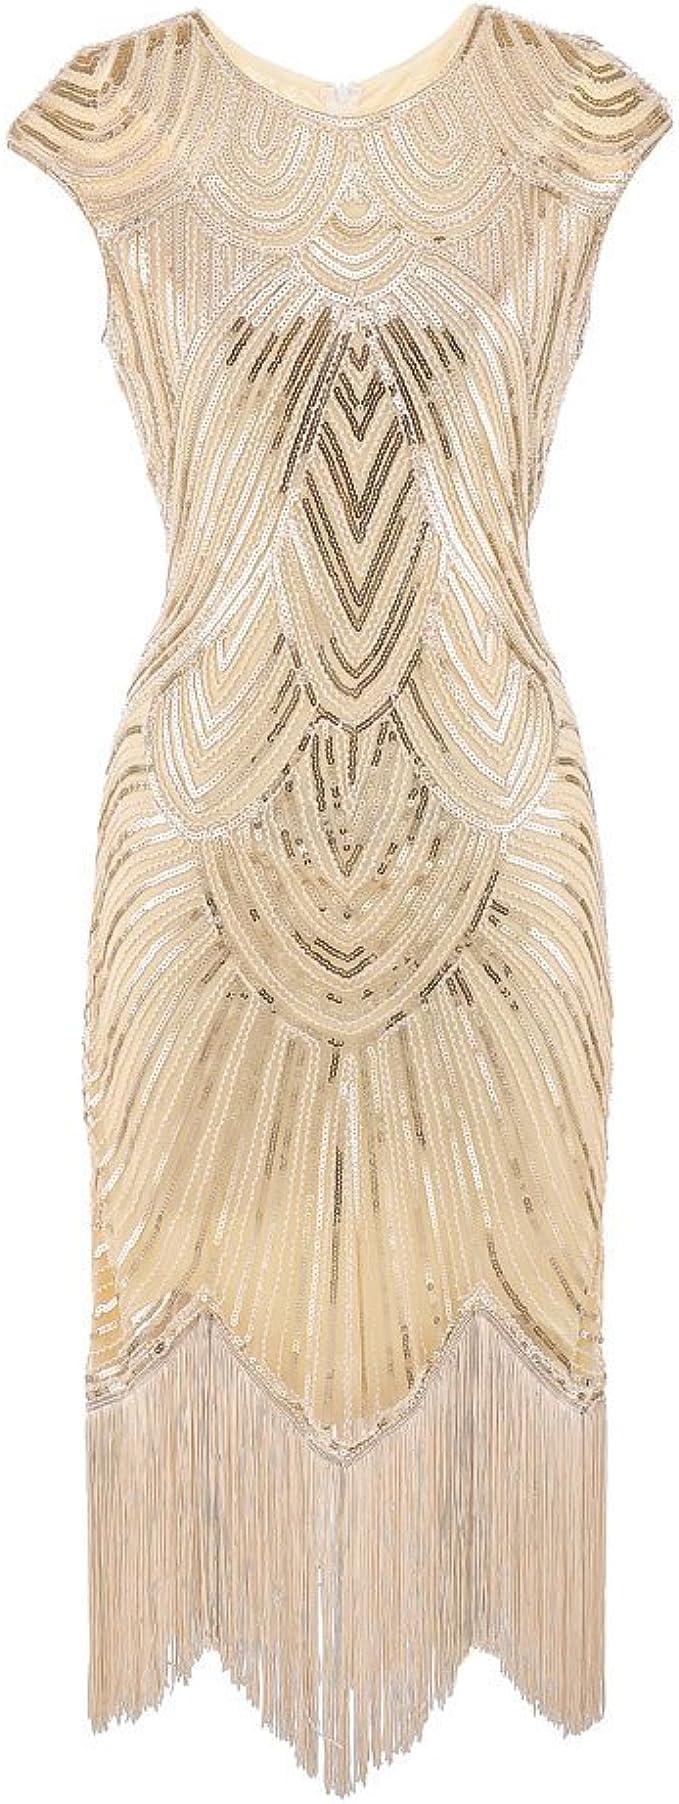 Lazzboy Damen 19er Diamant Pailletten verschönert mit Fransen